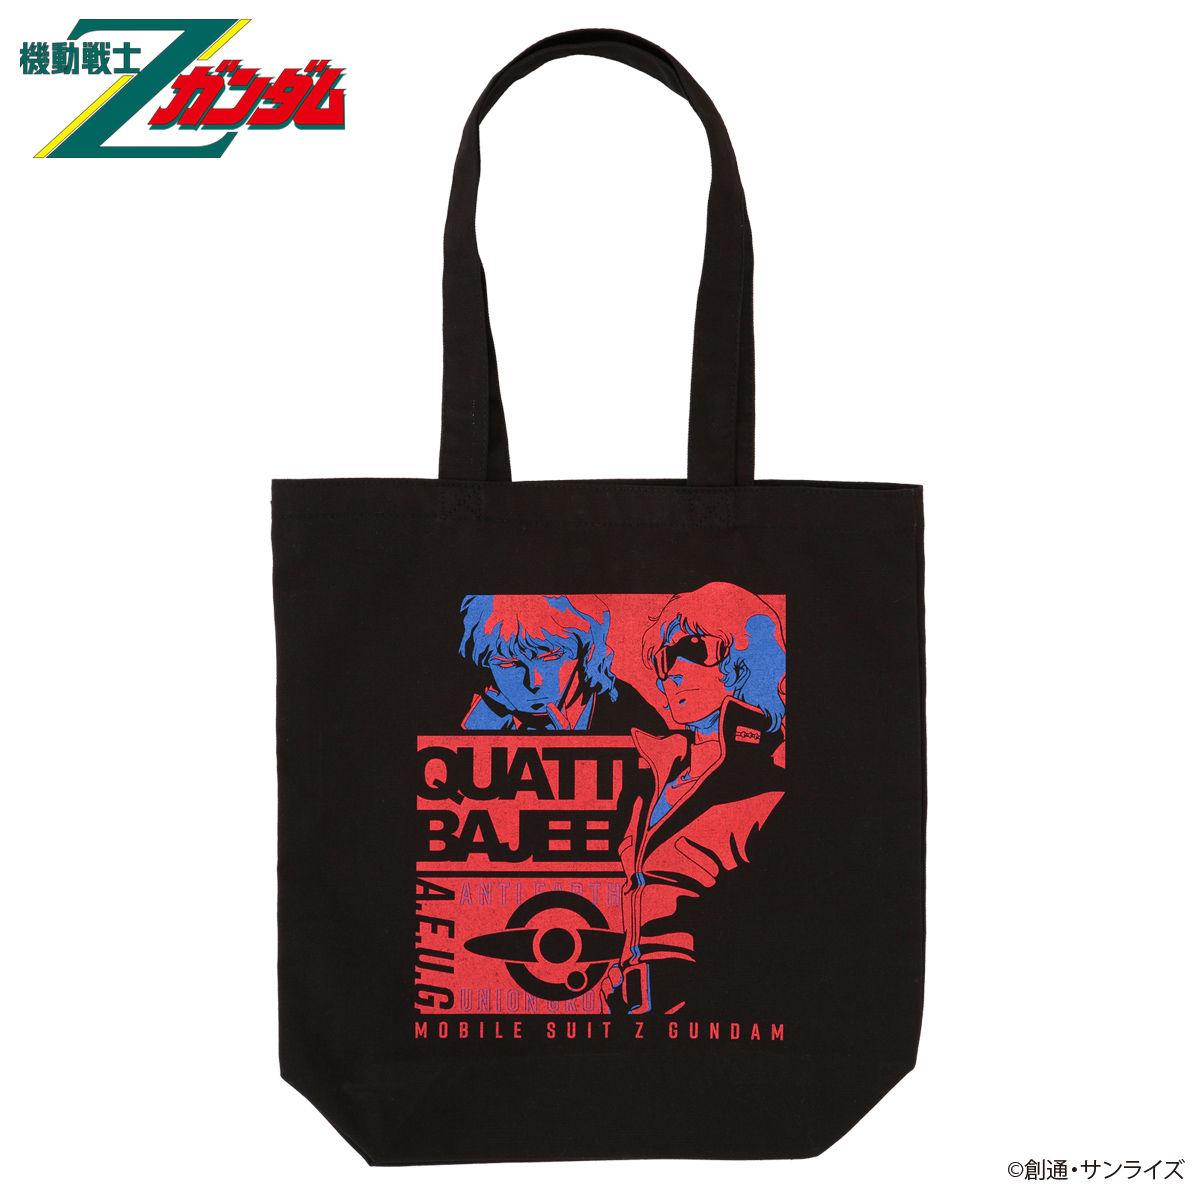 Mobile Suit Zeta Gundam Quattro Bajeena Tricolor-themed Tote Bag